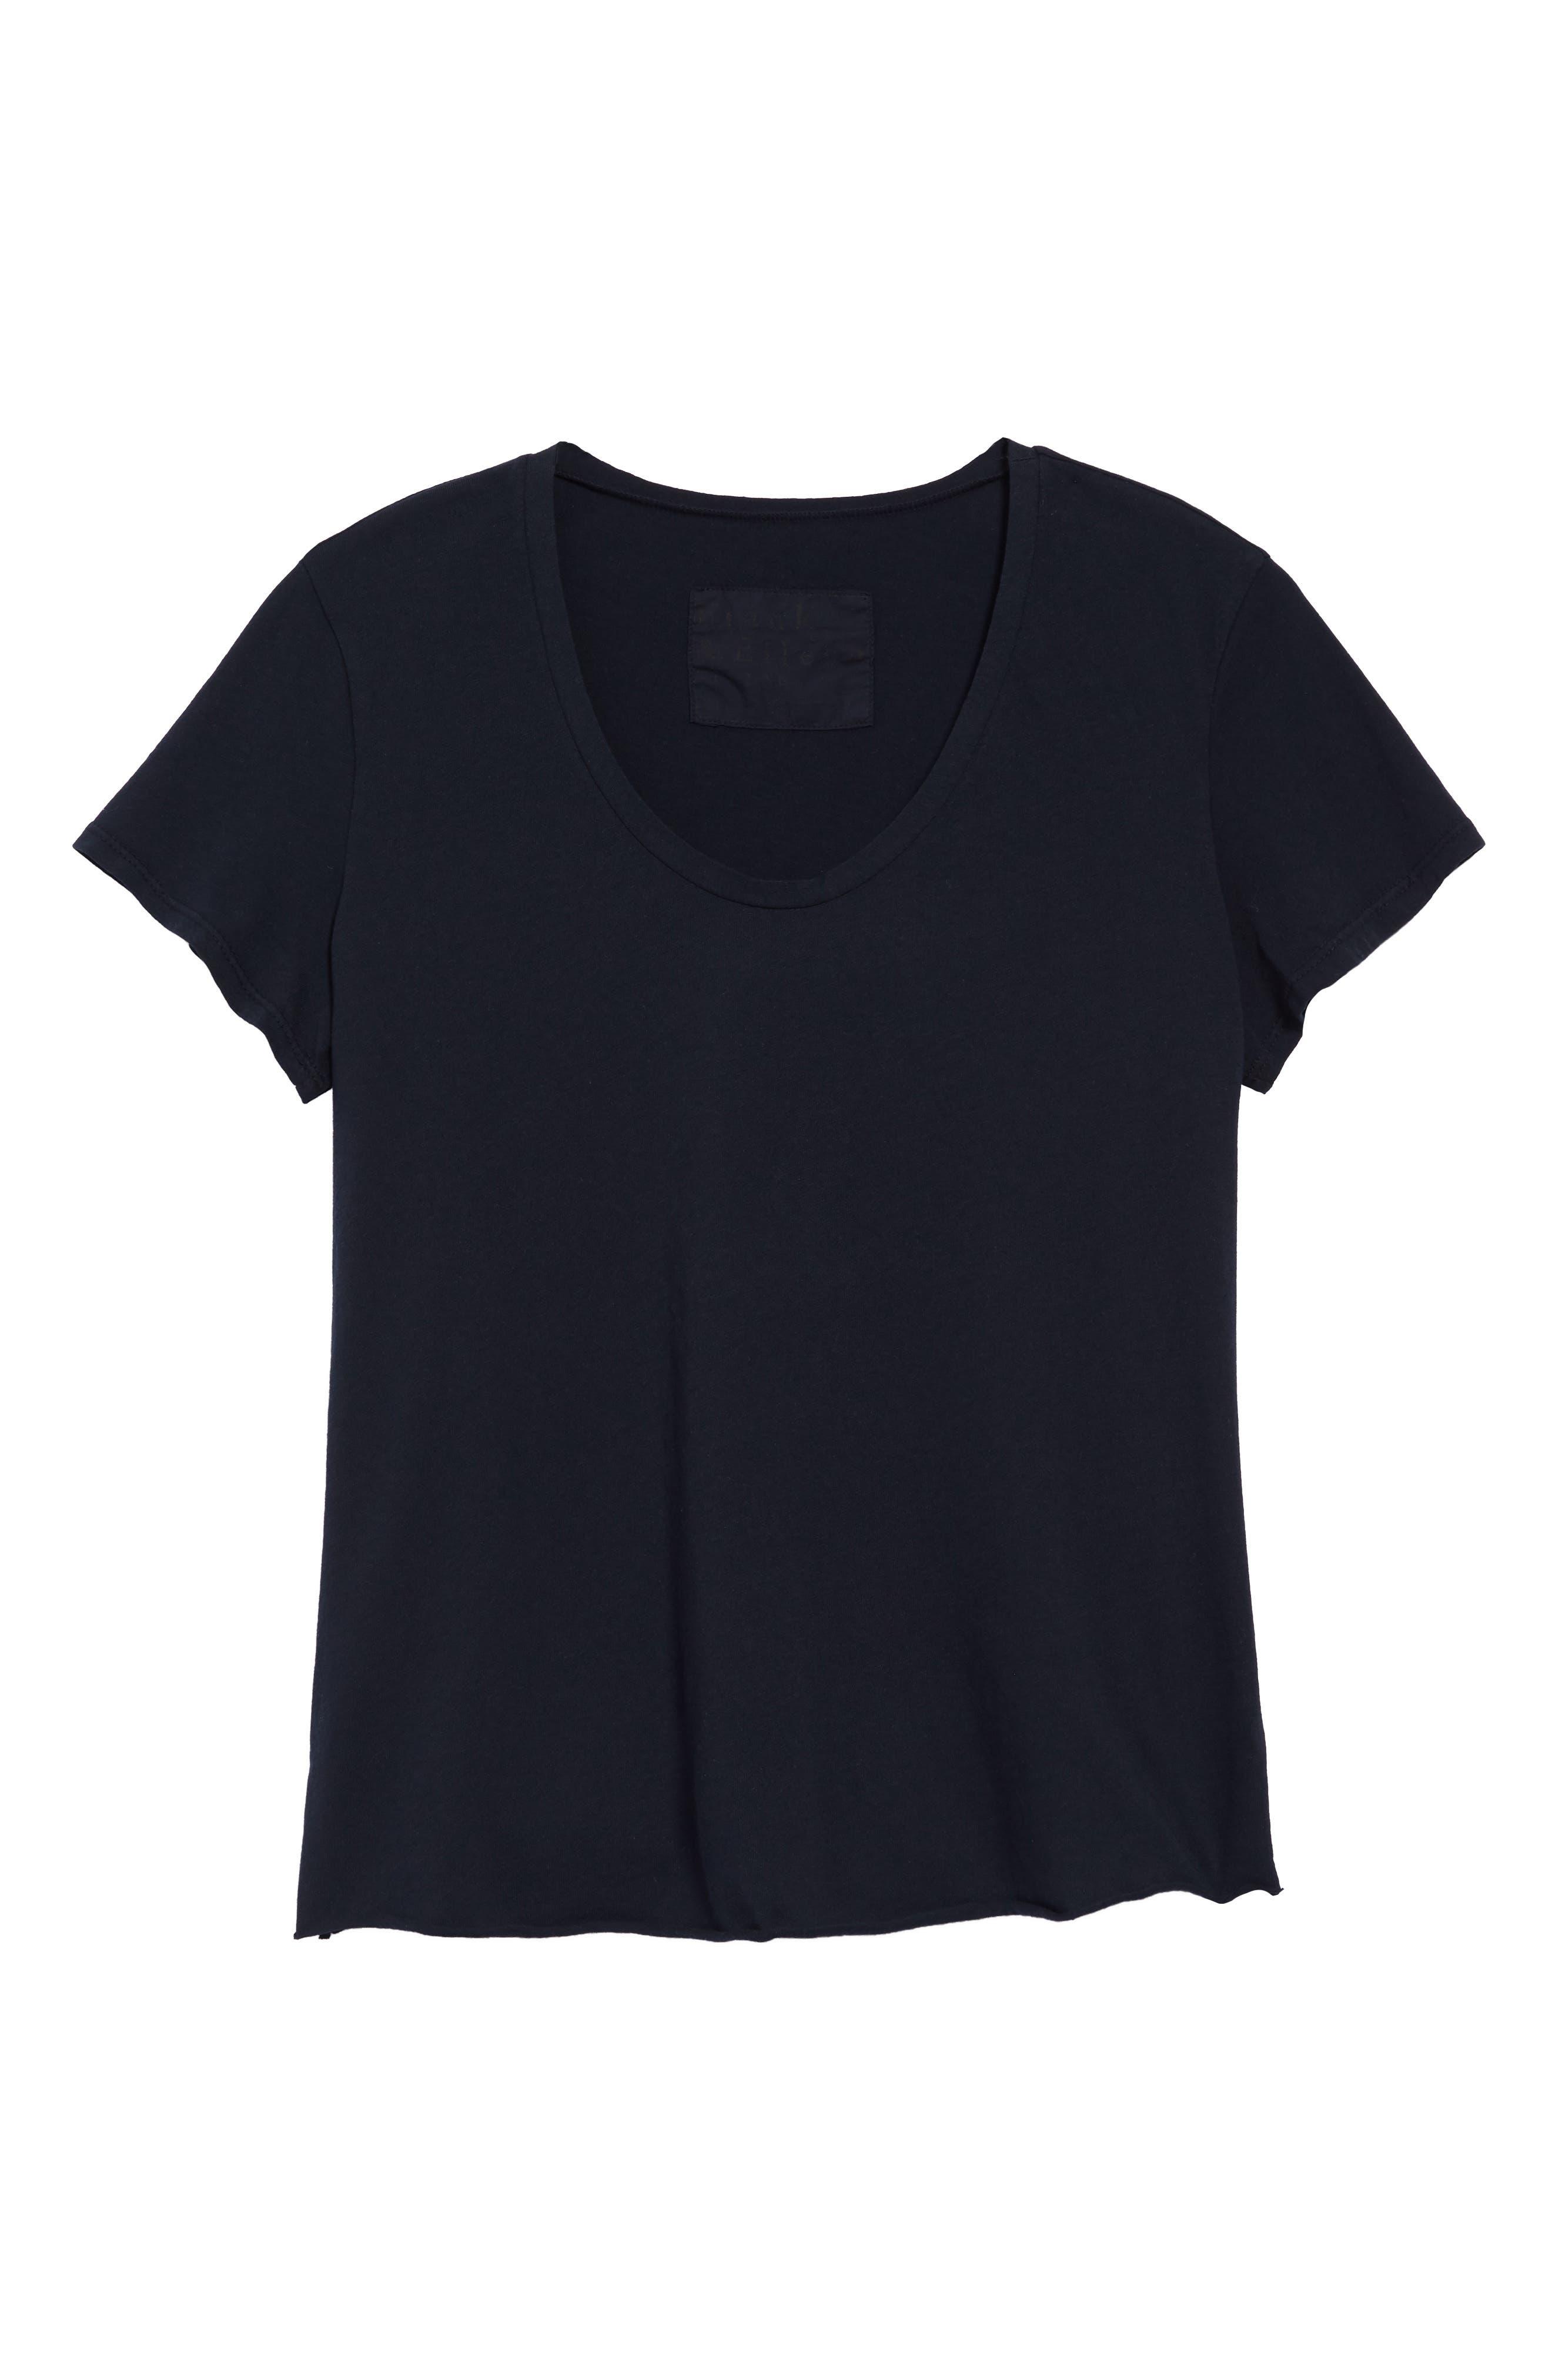 Image of FRANK & EILEEN Scoop Neck T-Shirt